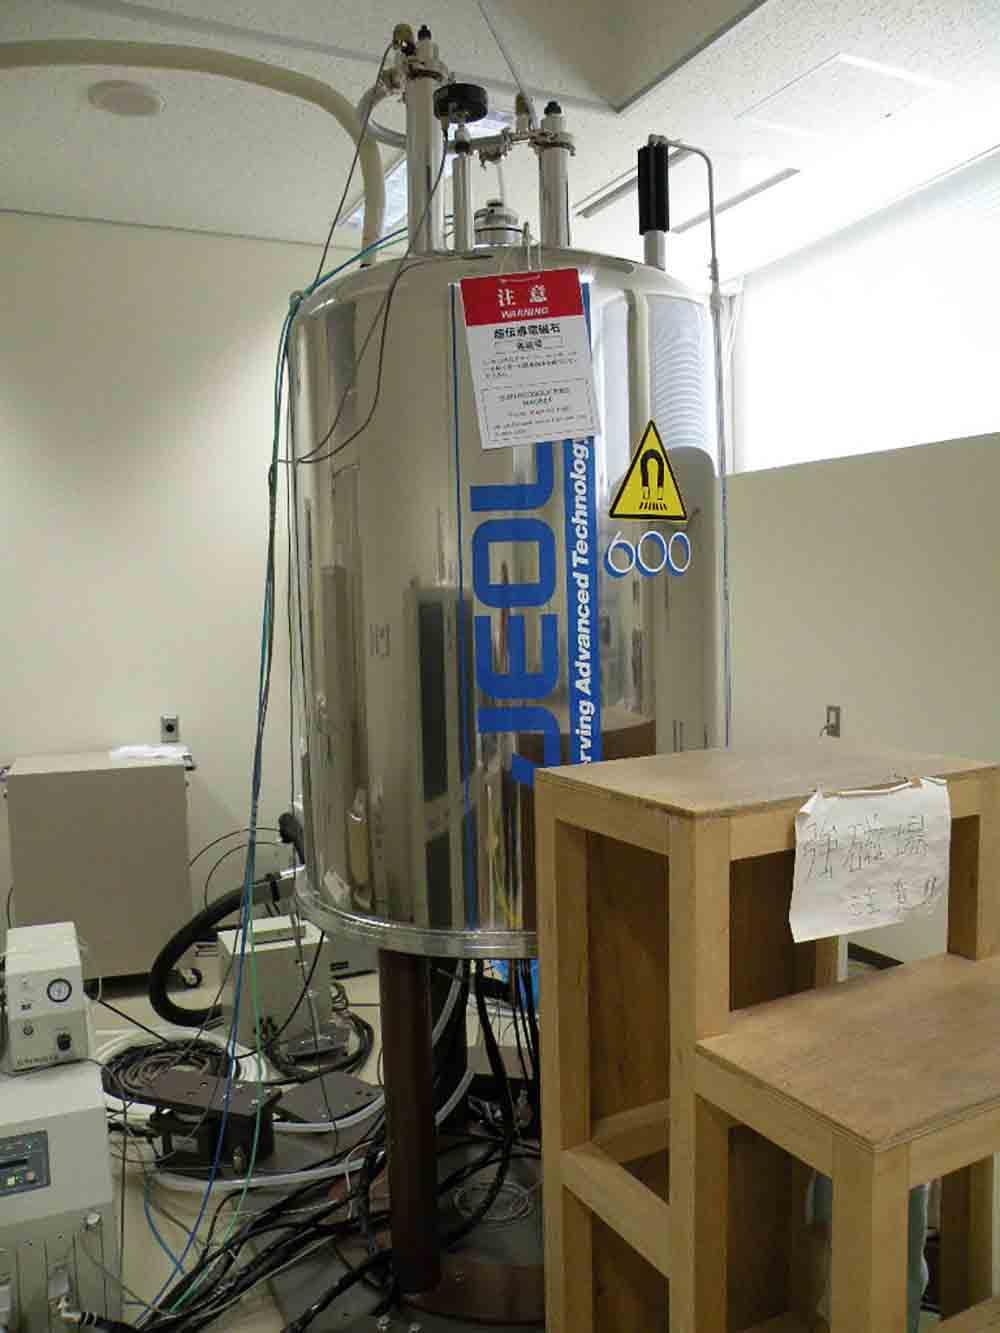 分析機器(核磁気共鳴装置)